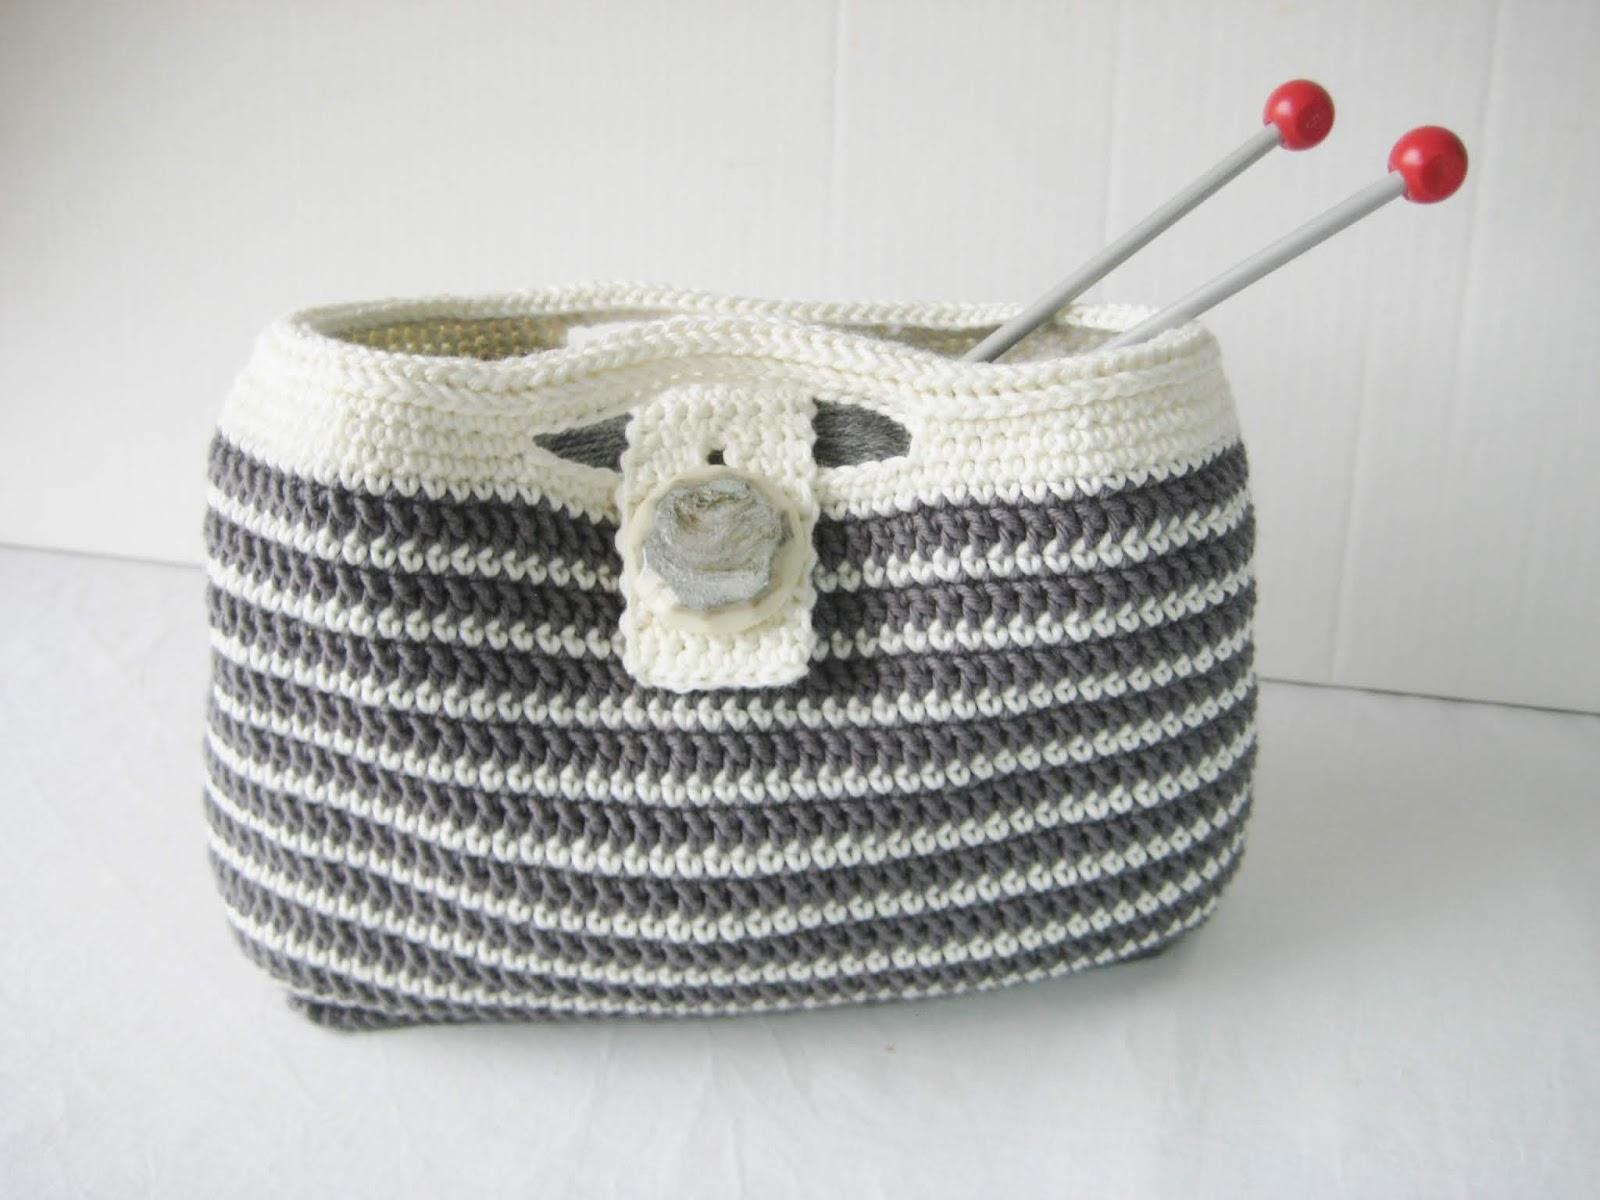 b4e113c1 Dei er fine som ei lita strikkeveske, men kan sjølvsagt og brukast til  andre ting.